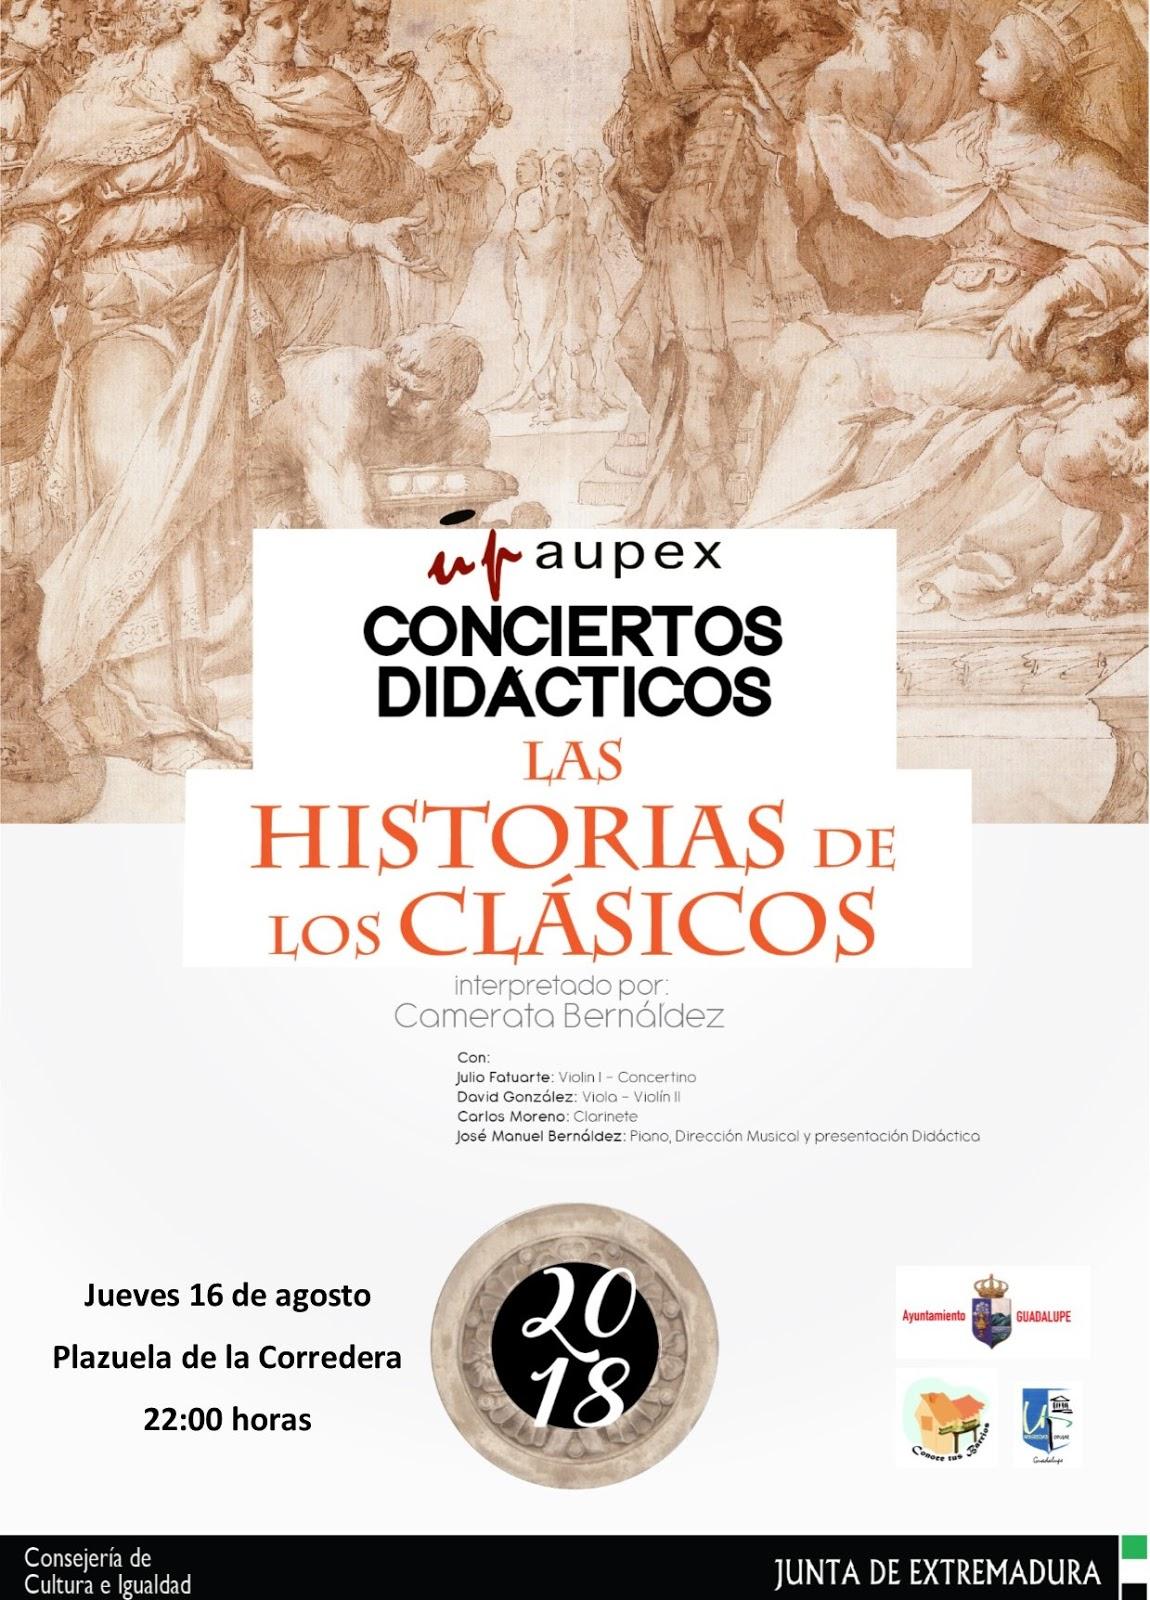 Concierto didáctico 2018 - Guadalupe